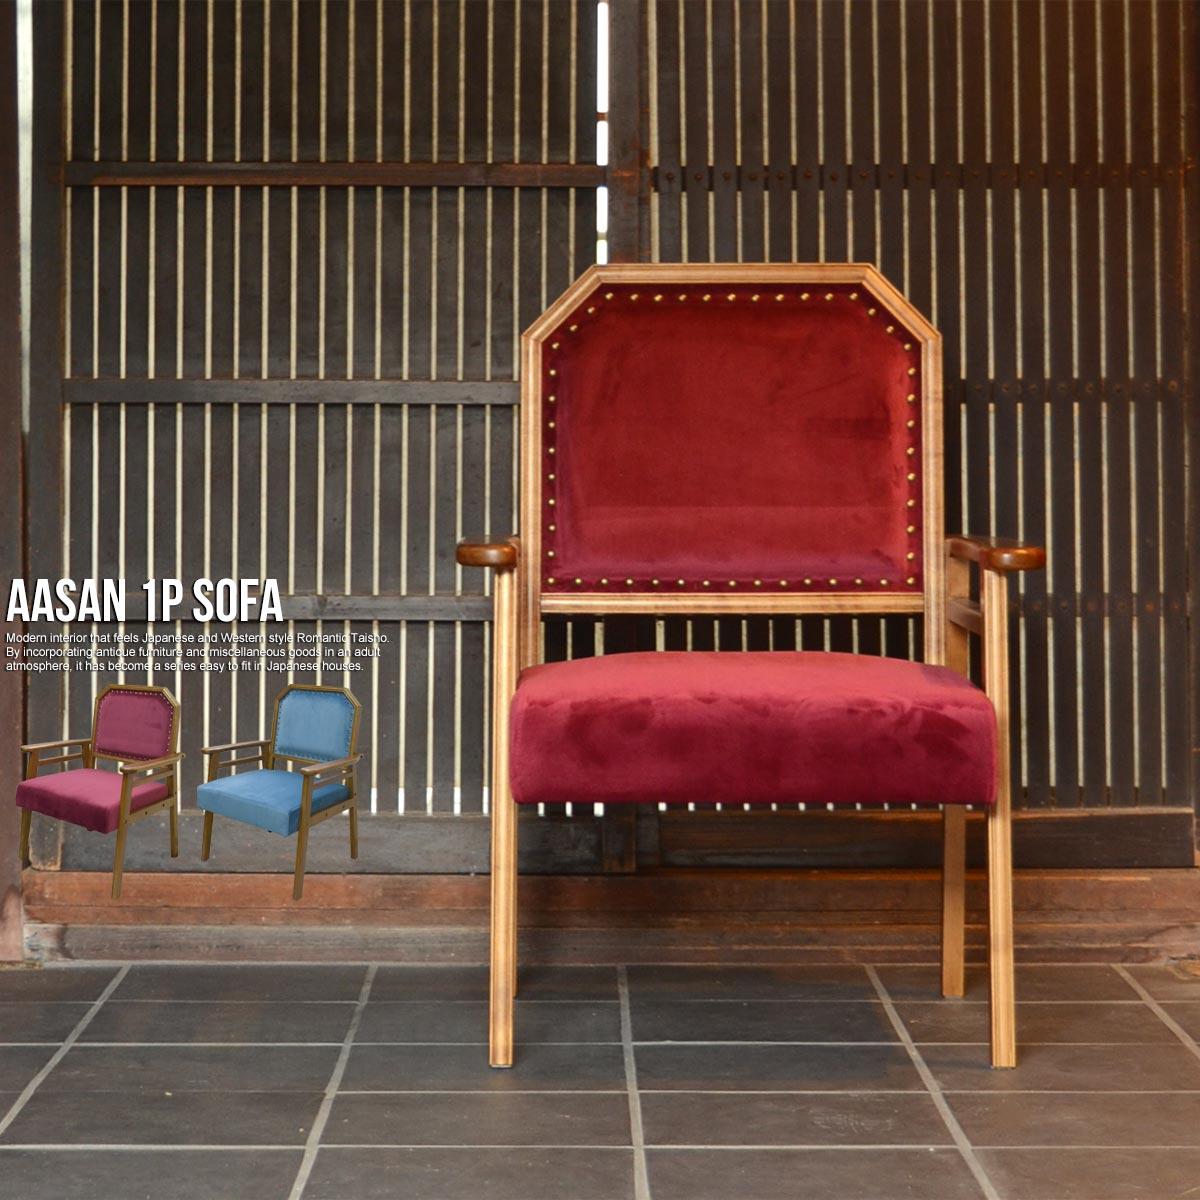 【あす楽】AASAN(アッサン) 1人掛けソファ ソファ 1P 1人掛けチェア 古民家風カフェ 畳部屋 洋室 和室 SOFA アンティーク風